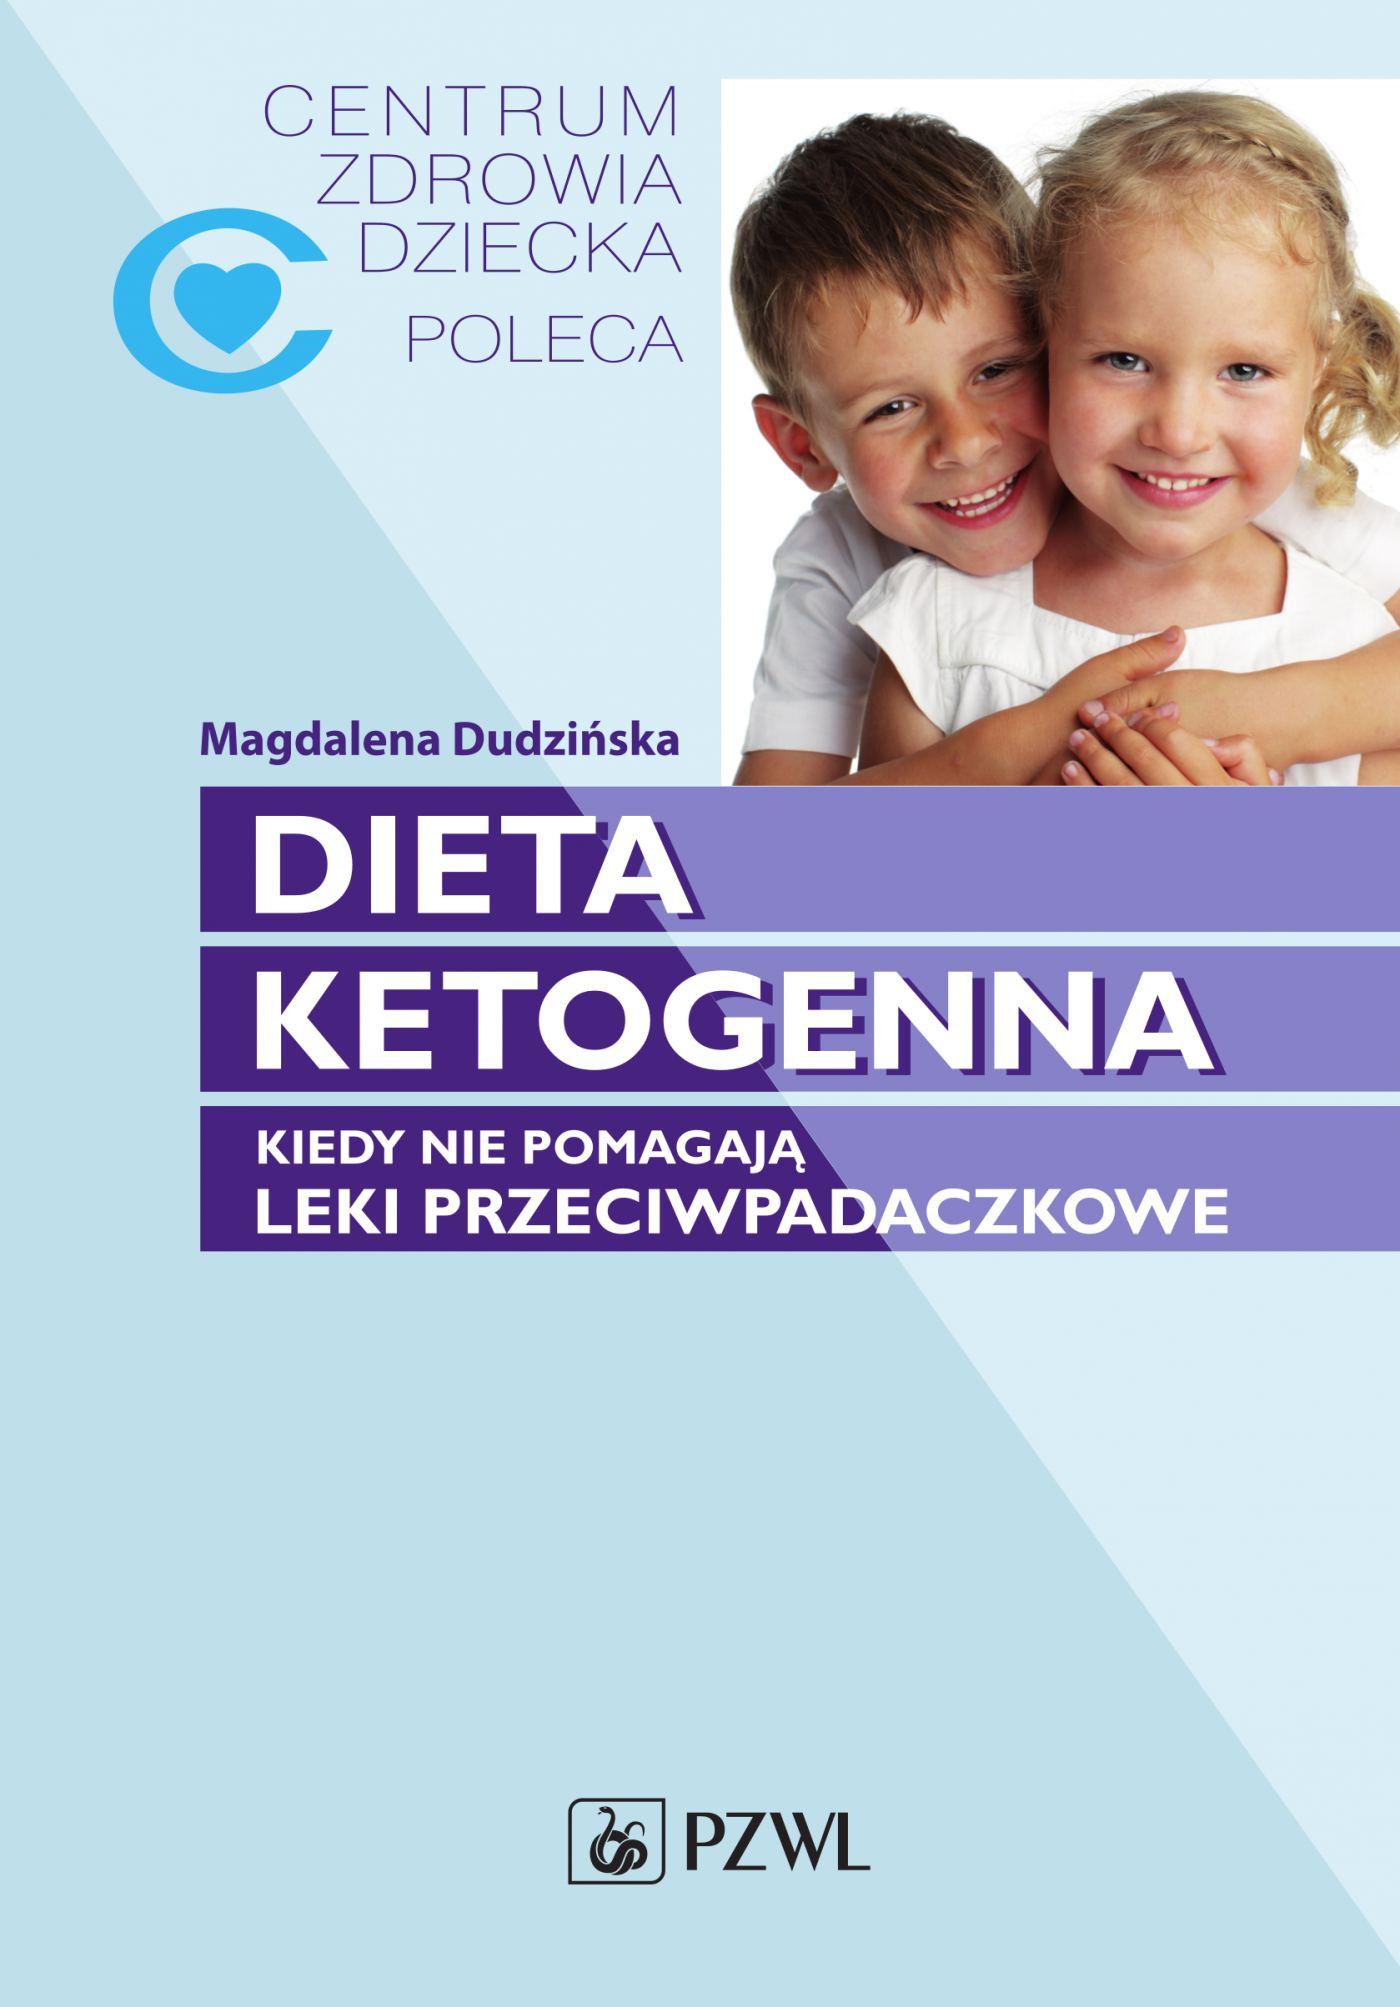 Dieta ketogenna. Kiedy nie pomagają leki przeciwpadaczkowe - Ebook (Książka na Kindle) do pobrania w formacie MOBI